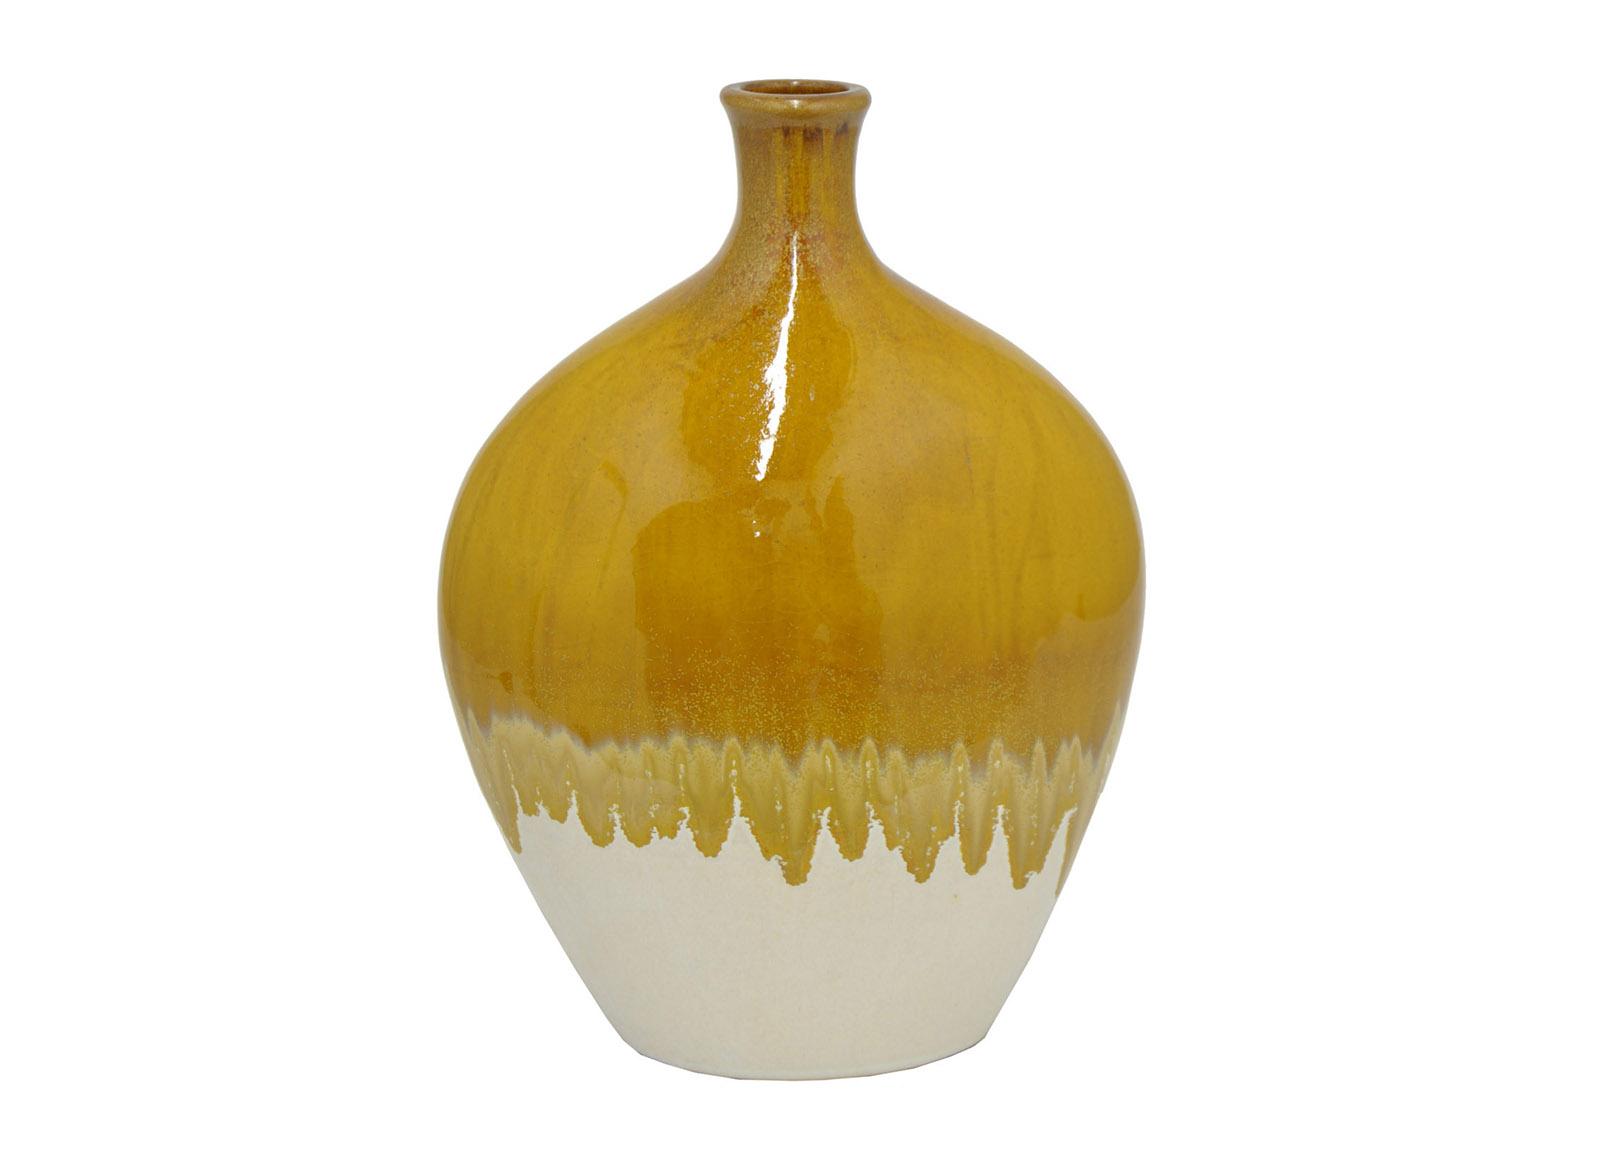 Vase ceramique dijon  14''H